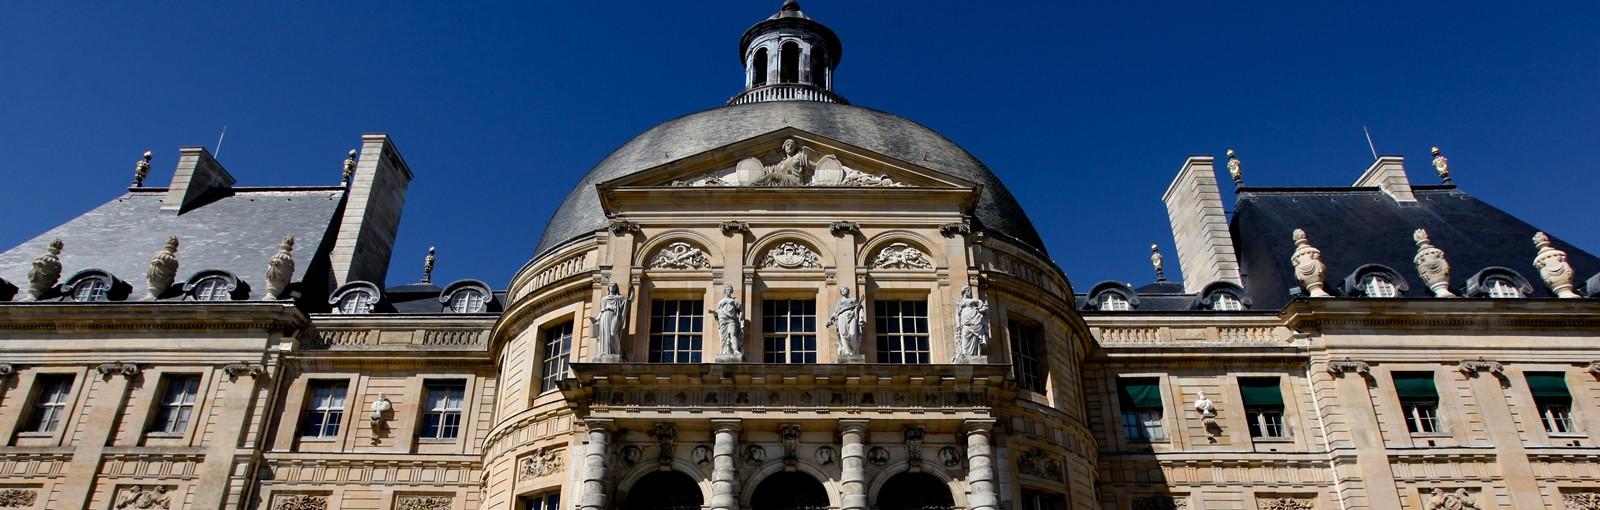 Tours Vaux-le-Vicomte - Half days - Day tours from Paris